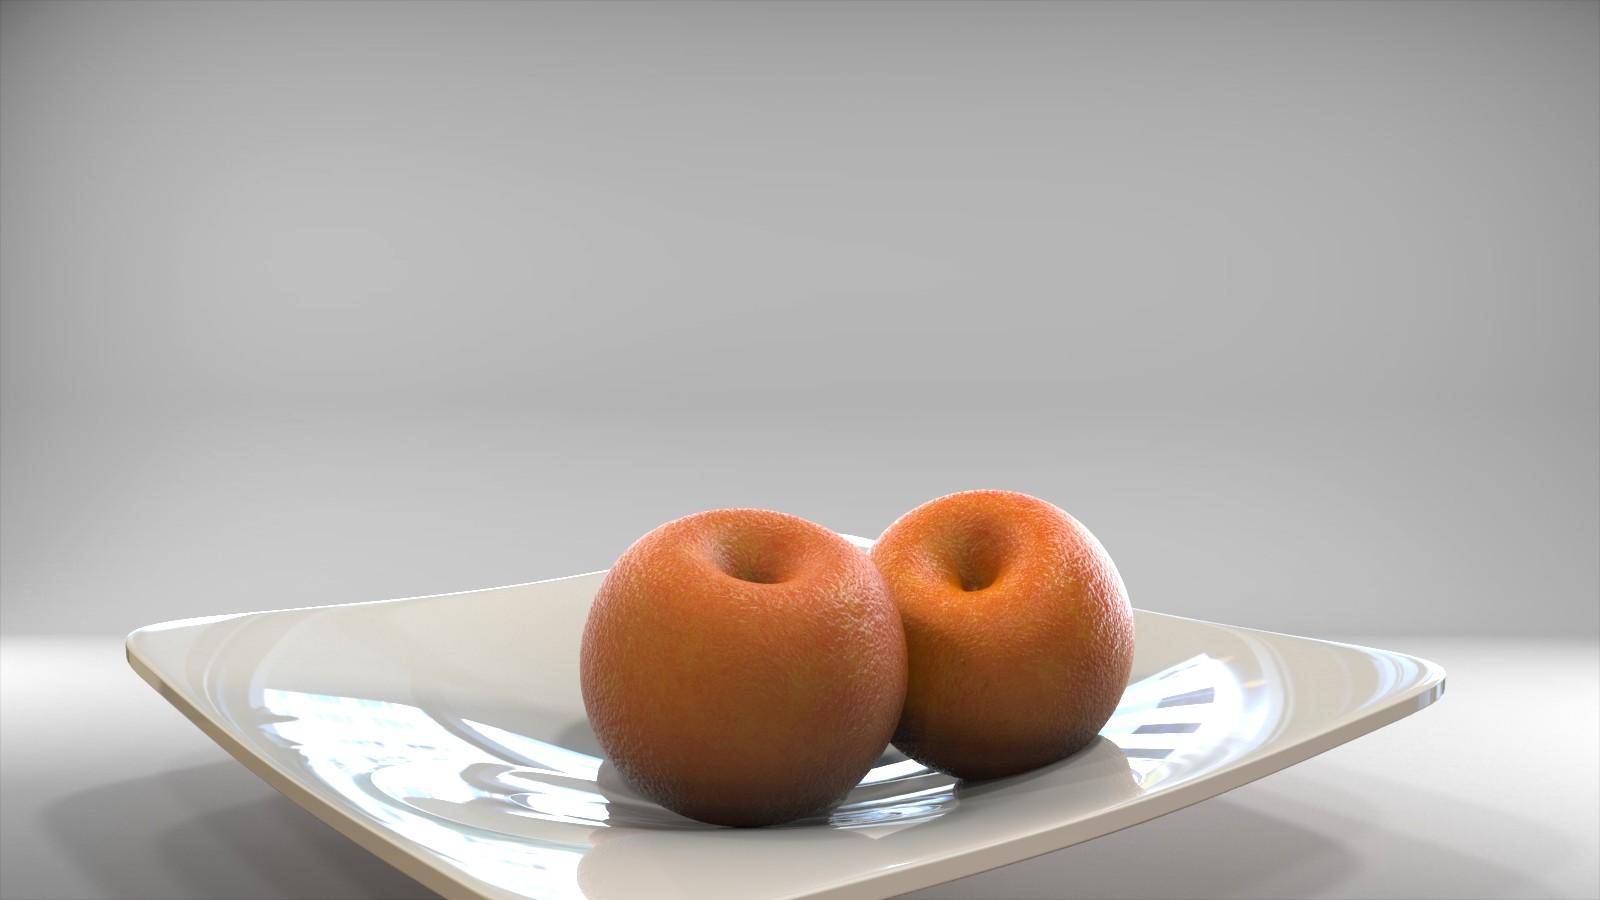 Poorna perera oranges 77